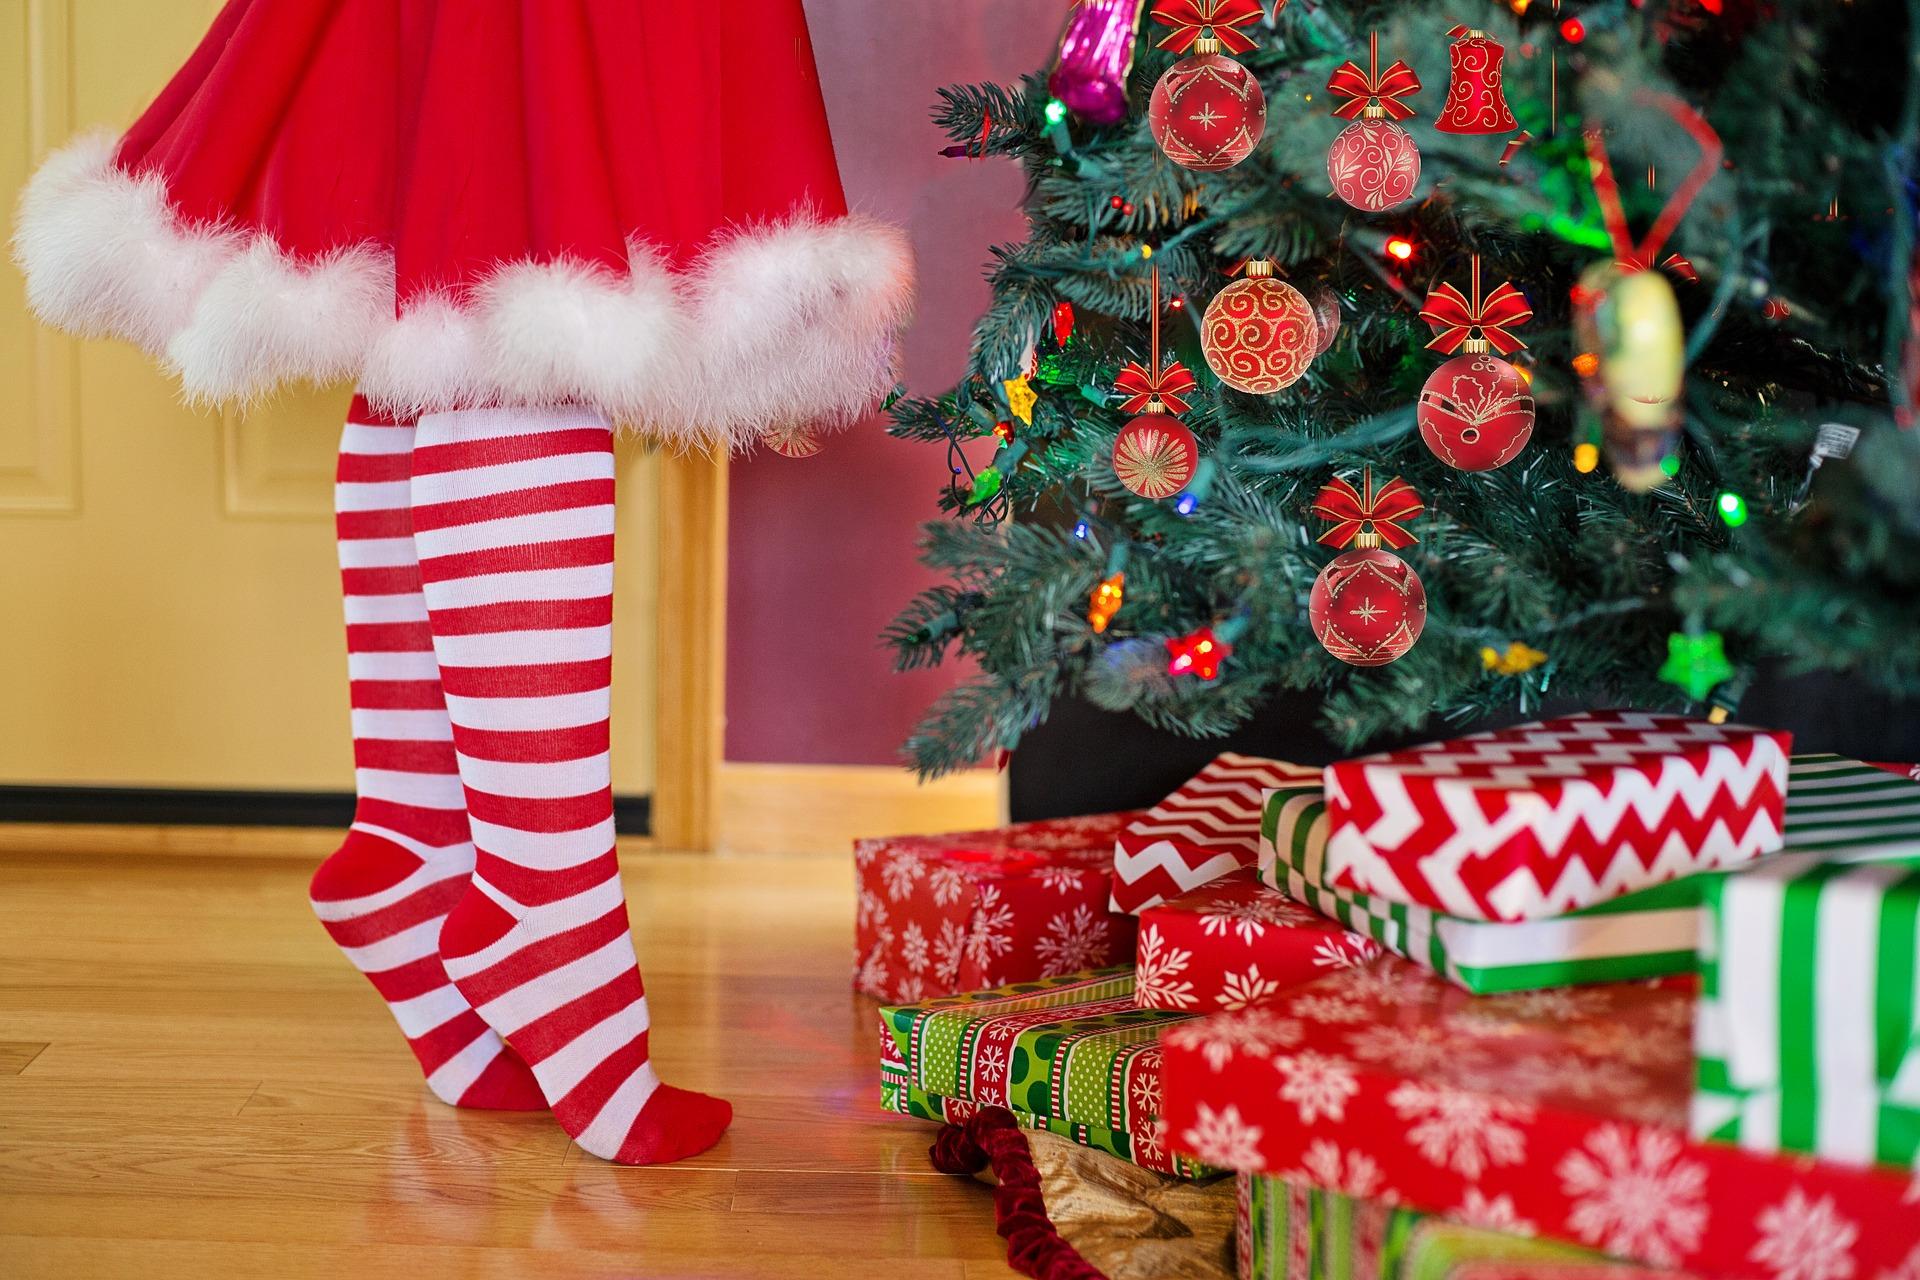 decorating-christmas-tree-2999722_1920.jpg